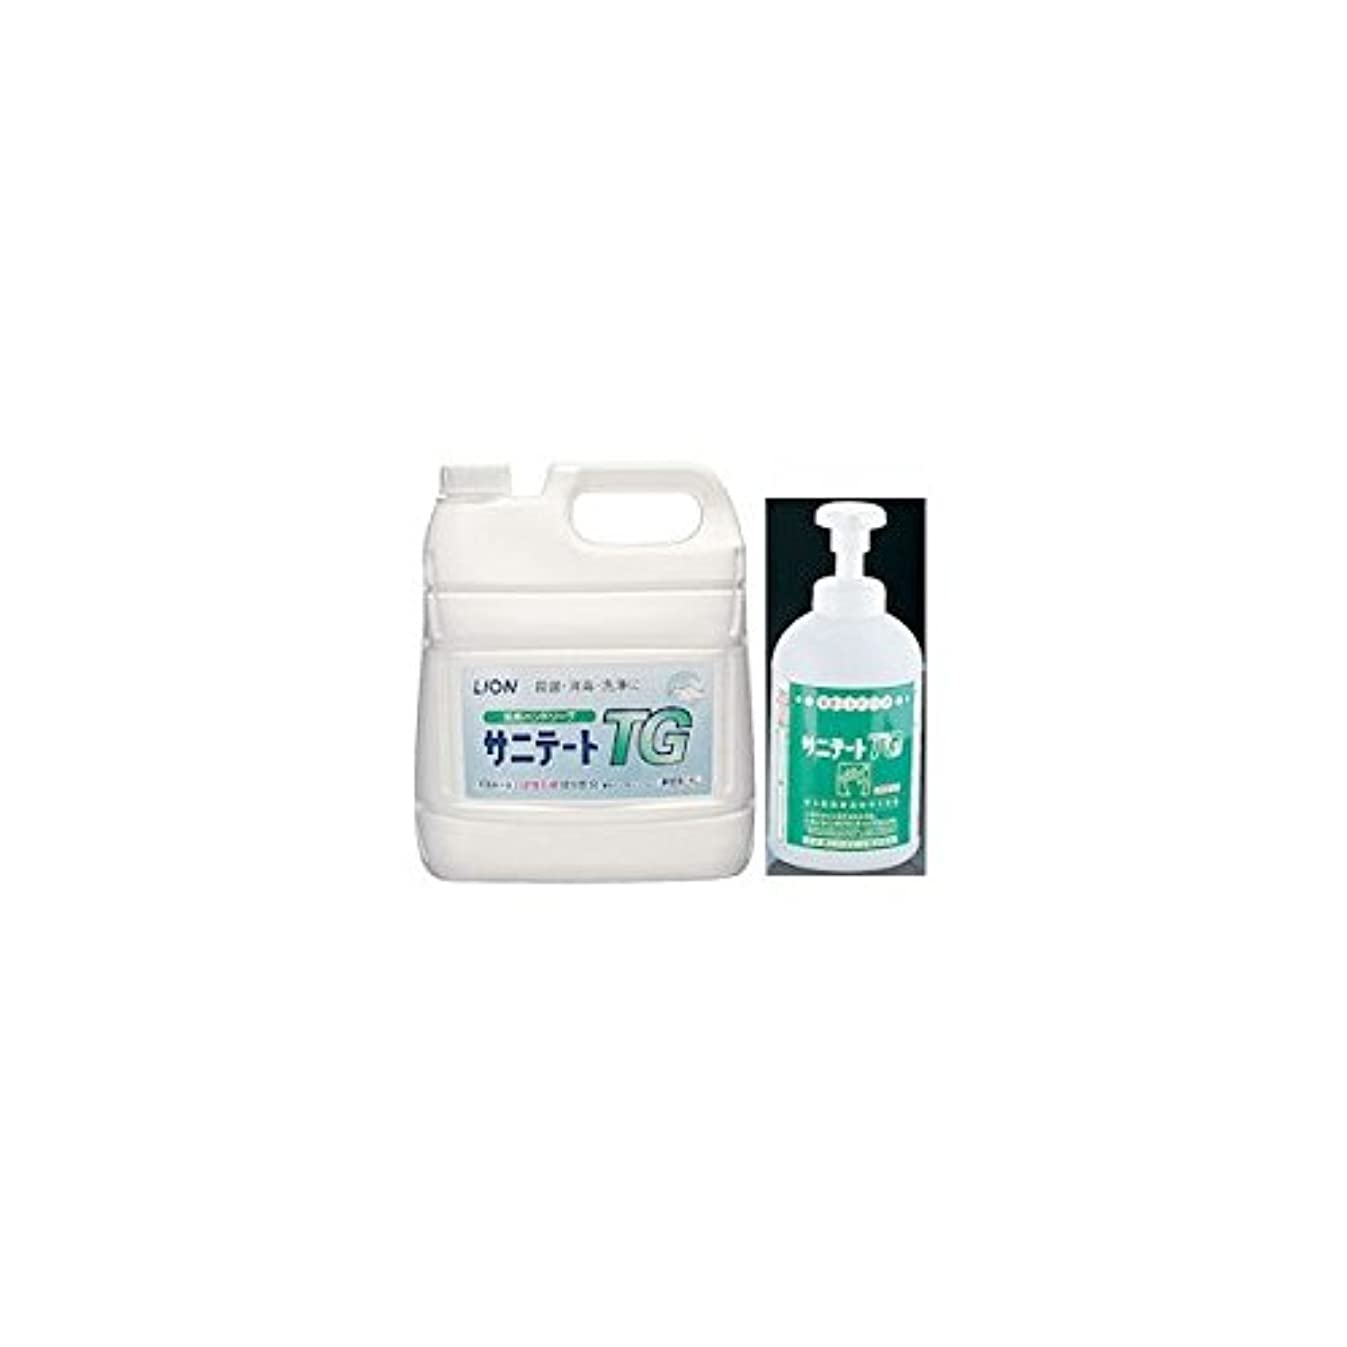 換気するアレルギーディンカルビルライオン薬用ハンドソープ サニテートTG 4L 700ML泡ポンプ付 【品番】JHV3001